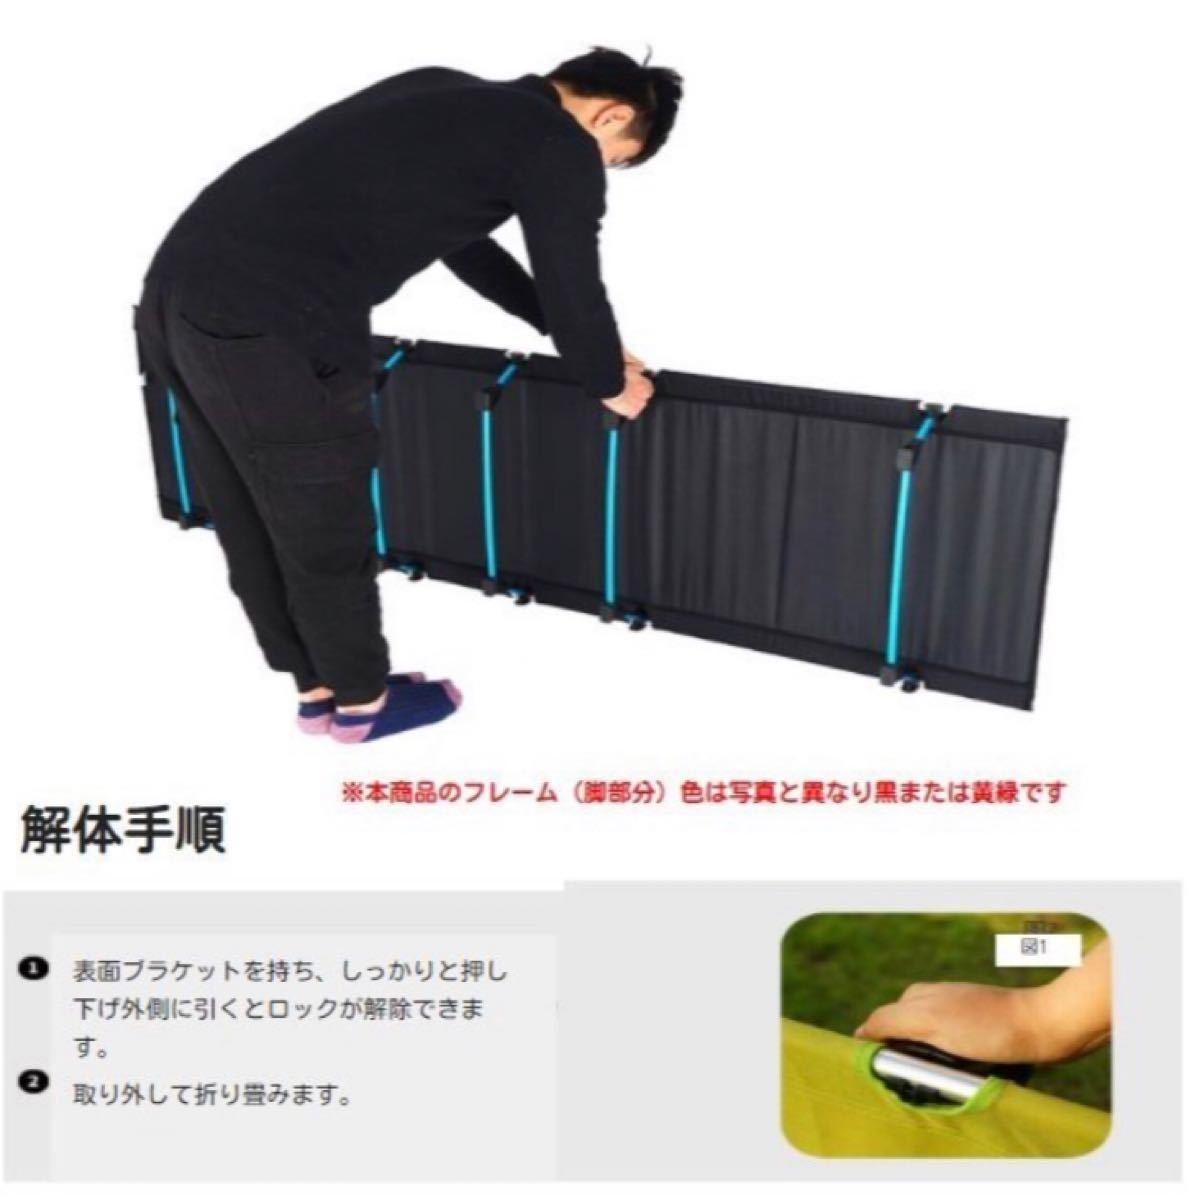 キャンプ コット 折りたたみベッド アウトドア 組み立て簡単 軽量 コンパクト